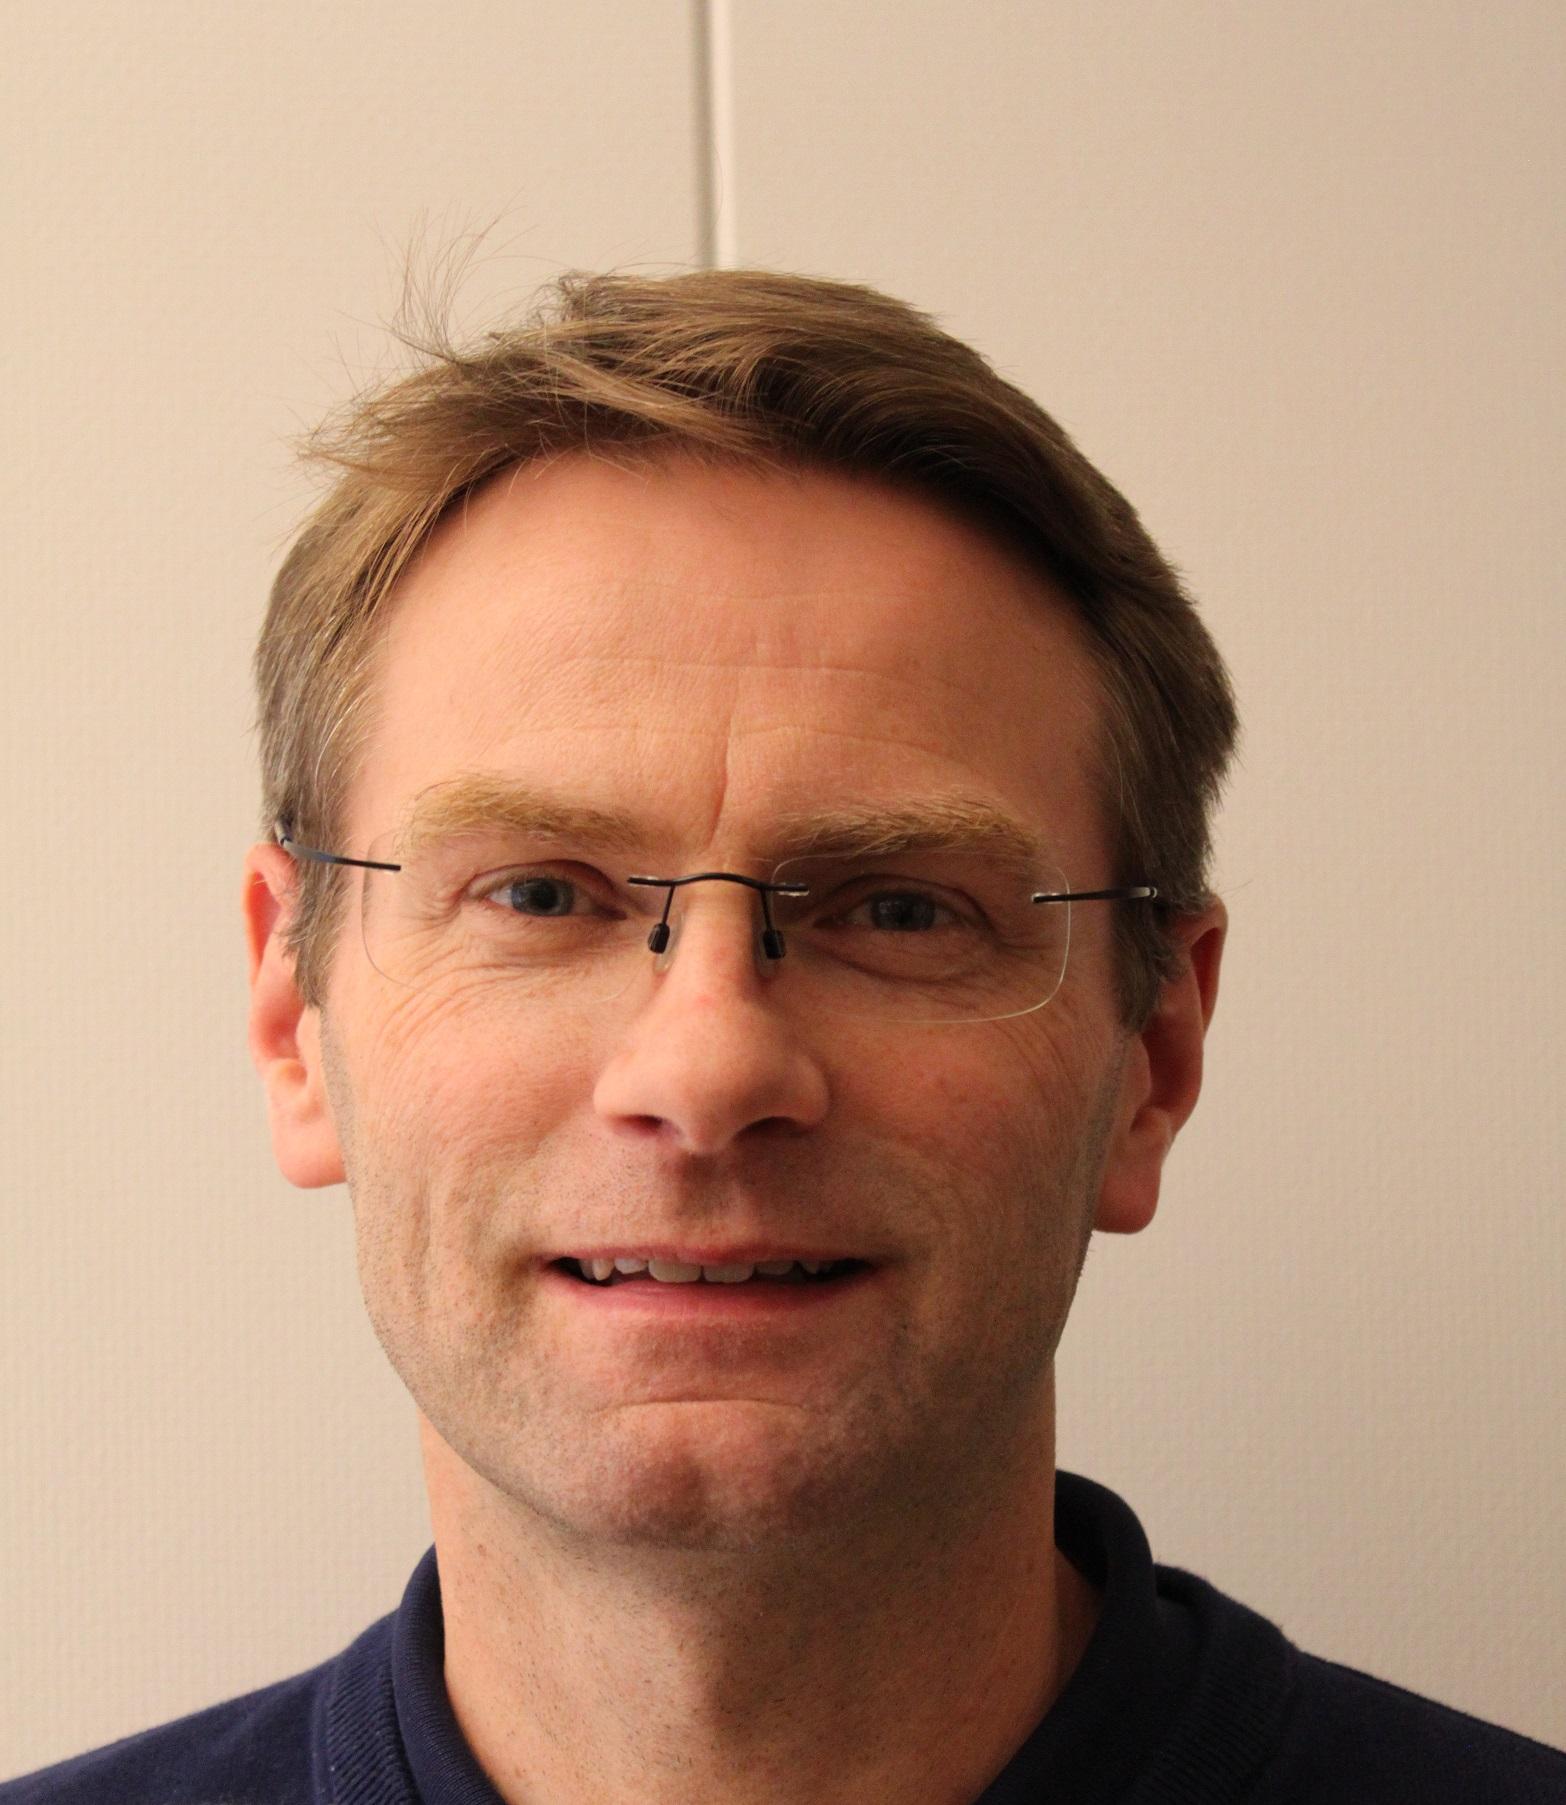 Svein Olav Løvdokken